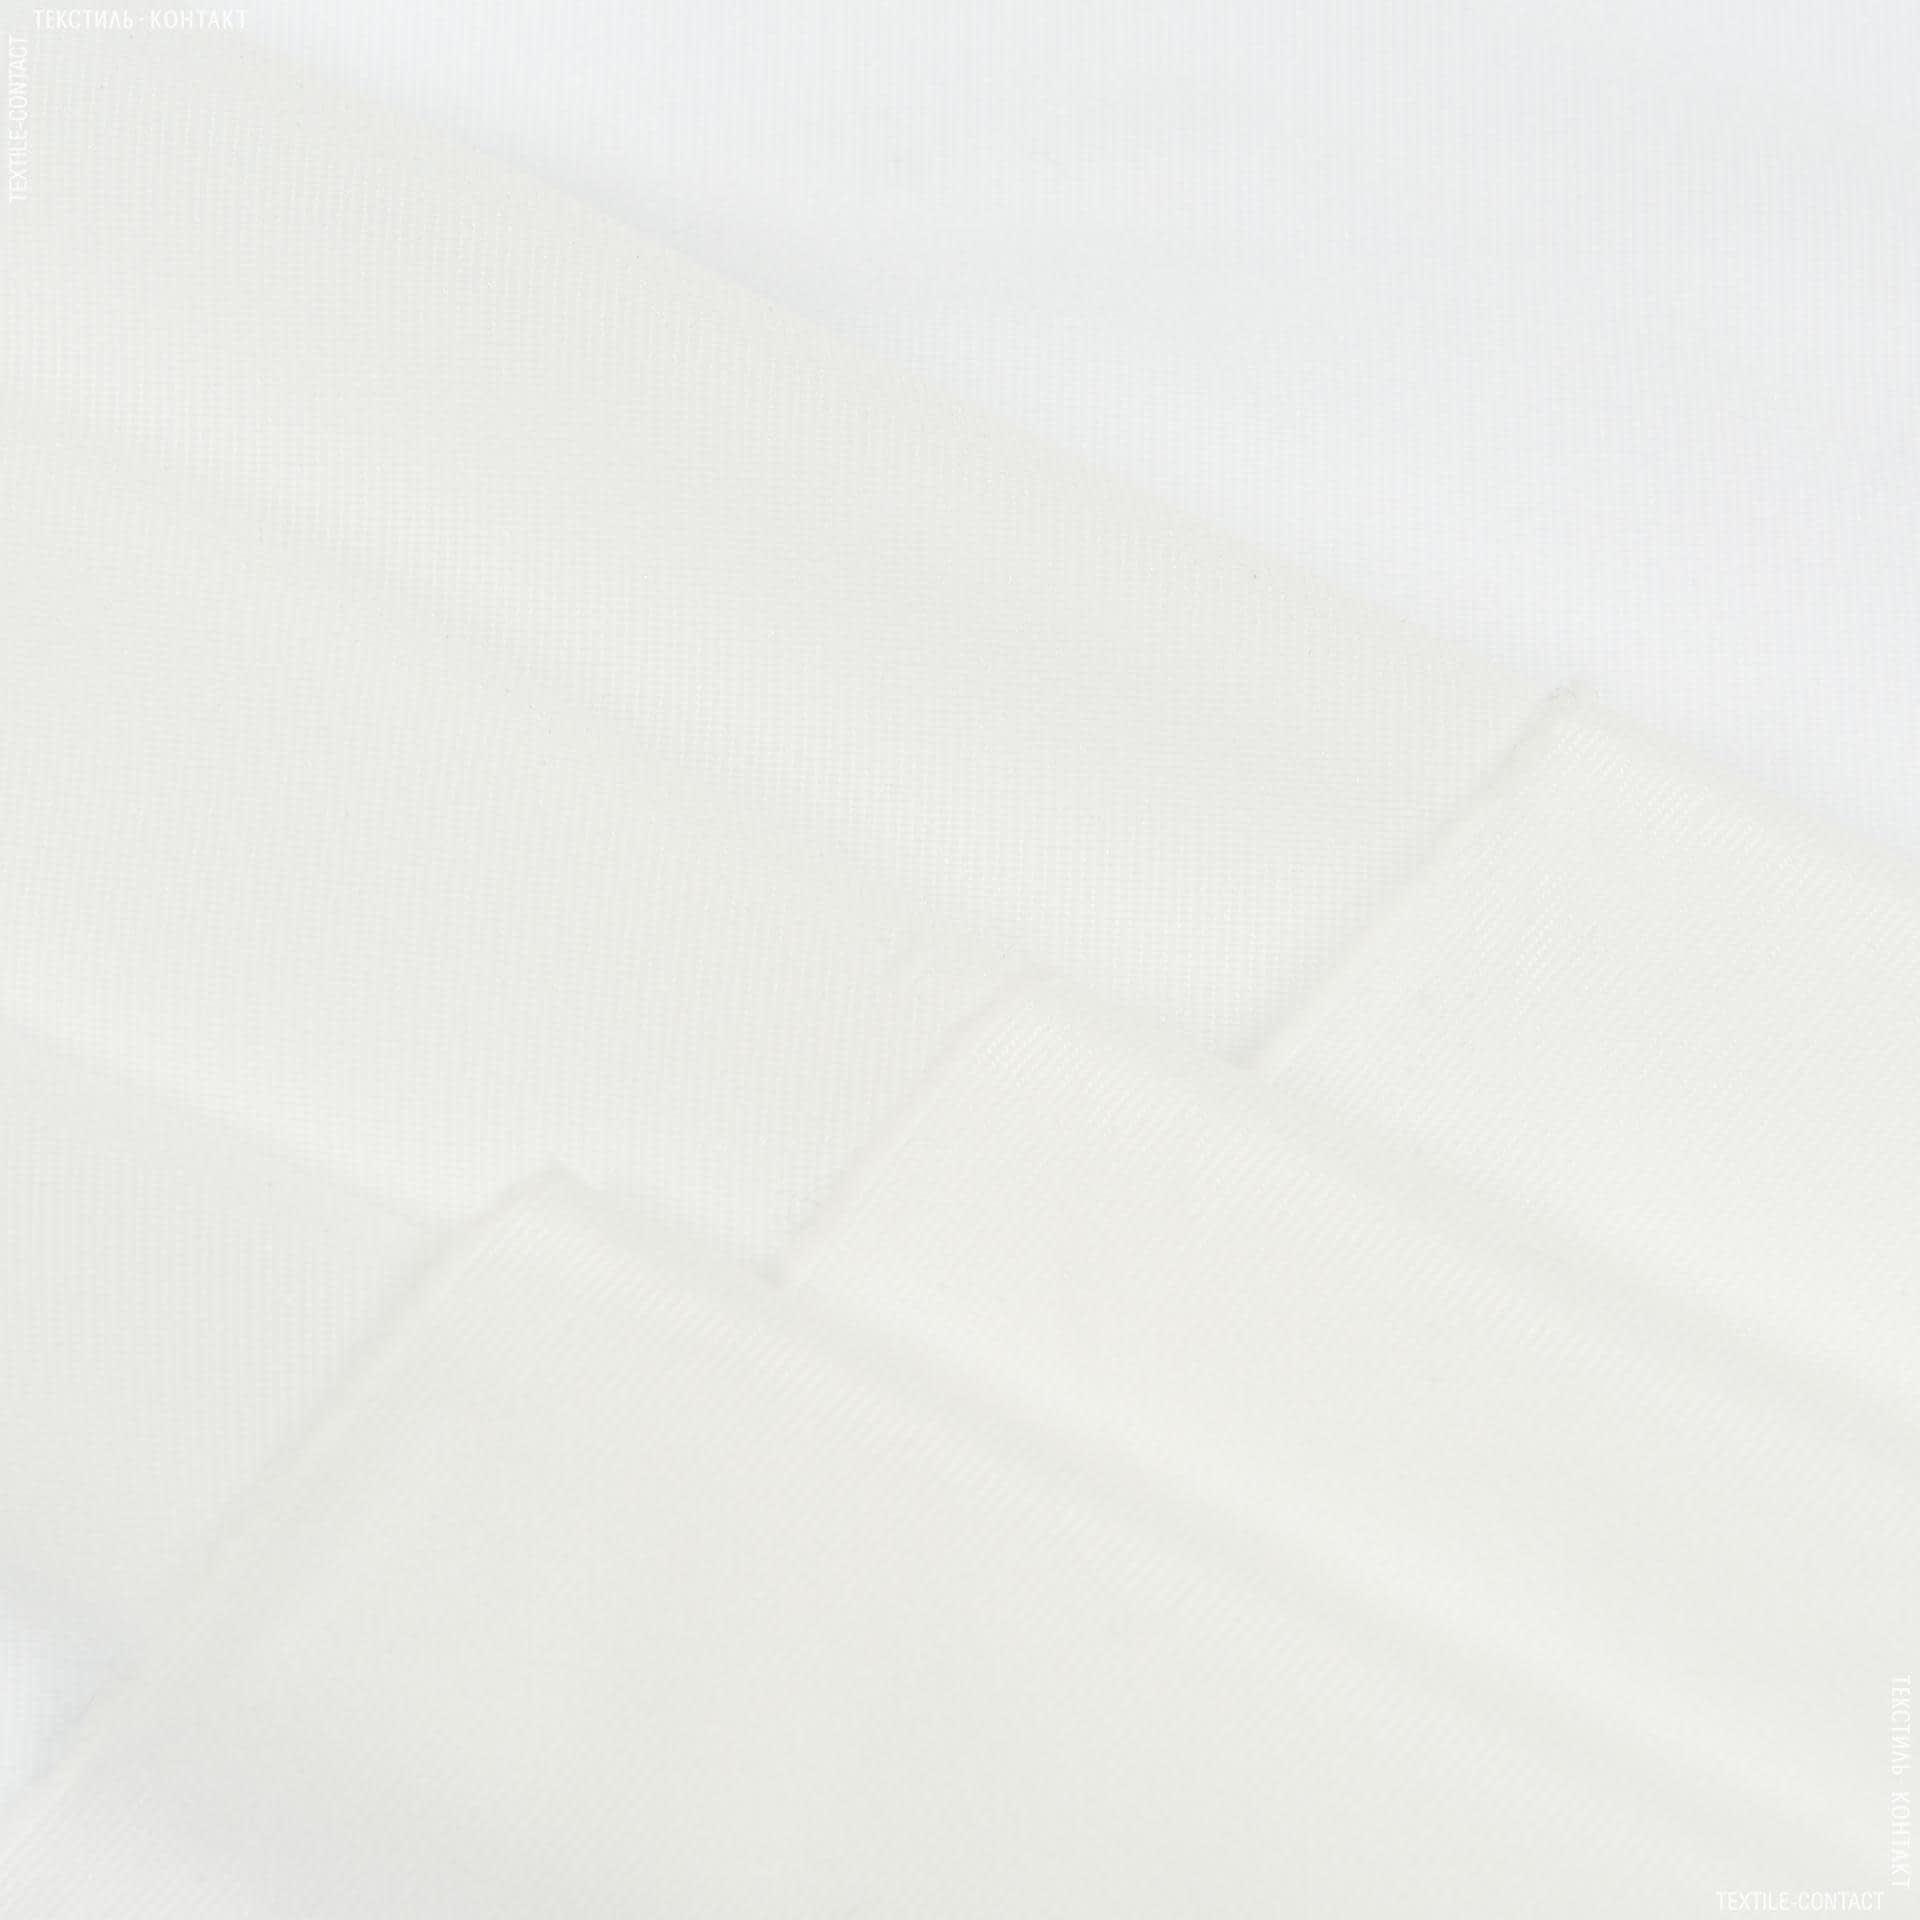 Тканини дублірин - Дублірин еластичний  білий 47г/м